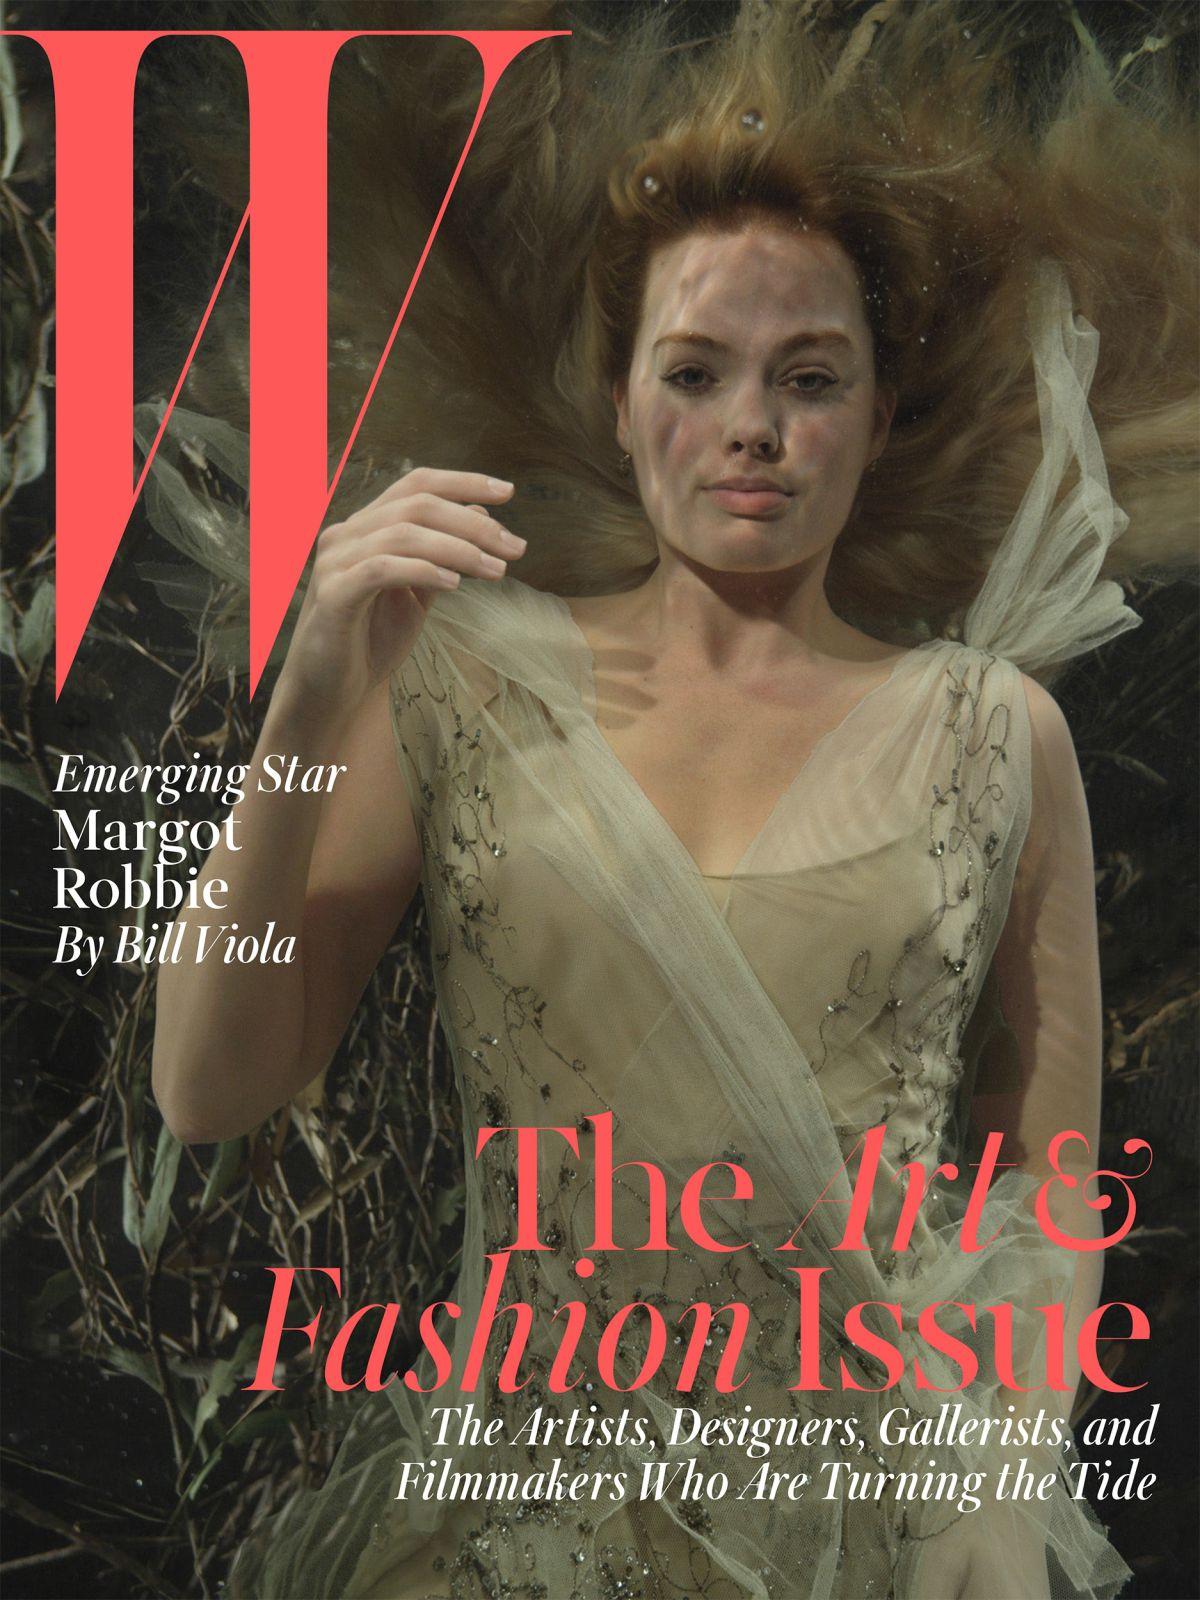 MARGOT ROBBIE in W Magazine, December 2014 Issue